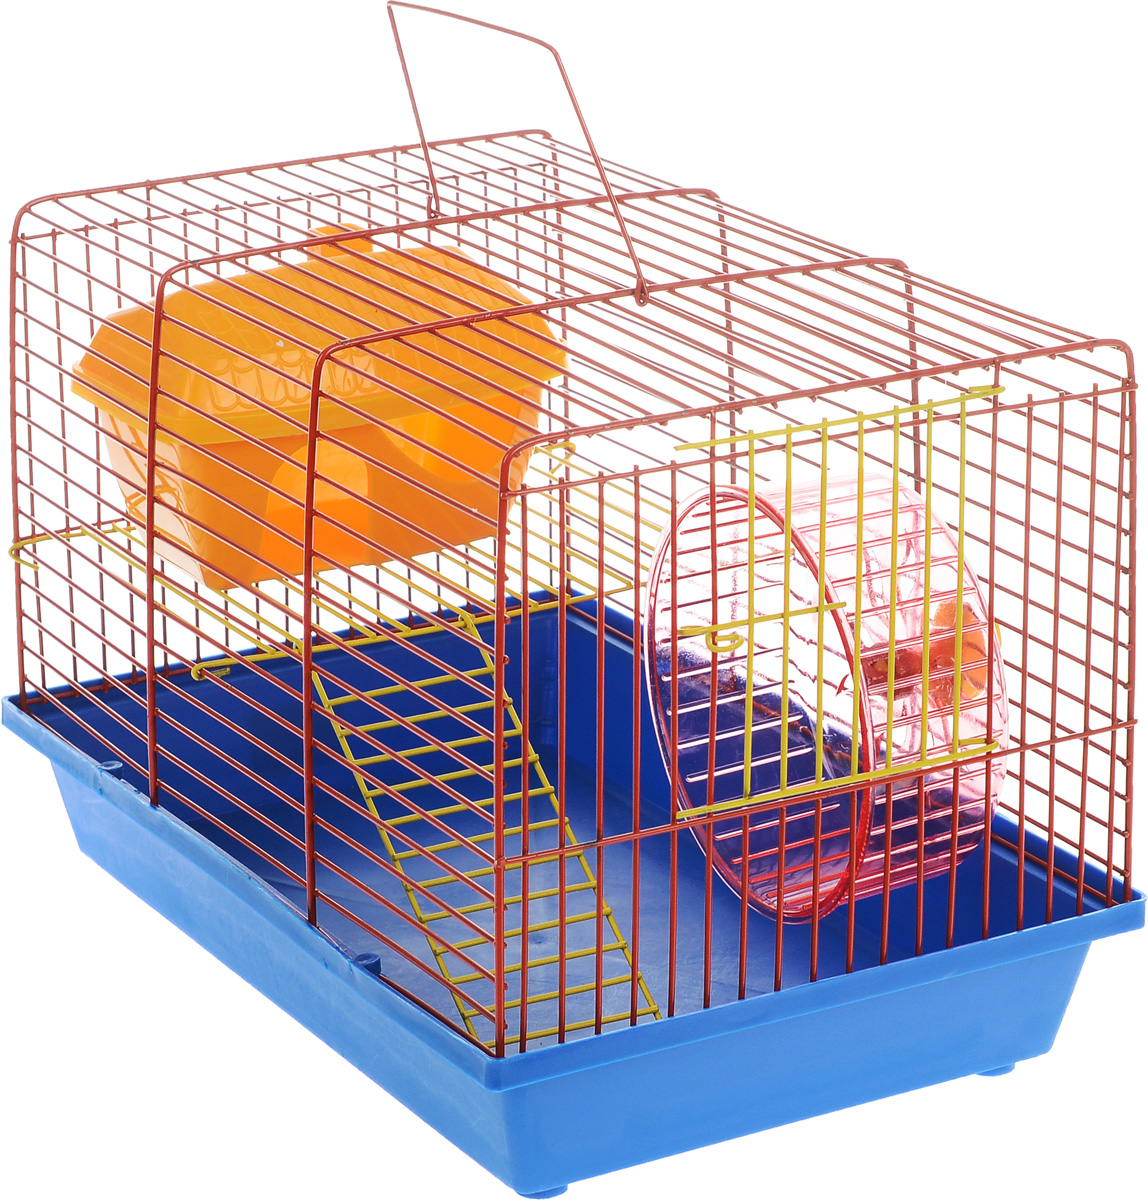 Клетка для грызунов ЗооМарк, 2-этажная, цвет: синий поддон, оранжевая решетка, 36 х 22 х 24 см. 125ж0120710Клетка ЗооМарк, выполненная из полипропилена и металла, подходит для мелких грызунов. Изделие двухэтажное, оборудовано колесом для подвижных игр и пластиковым домиком. Клетка имеет яркий поддон, удобна в использовании и легко чистится. Сверху имеется ручка для переноски. Такая клетка станет уединенным личным пространством и уютным домиком для маленького грызуна.